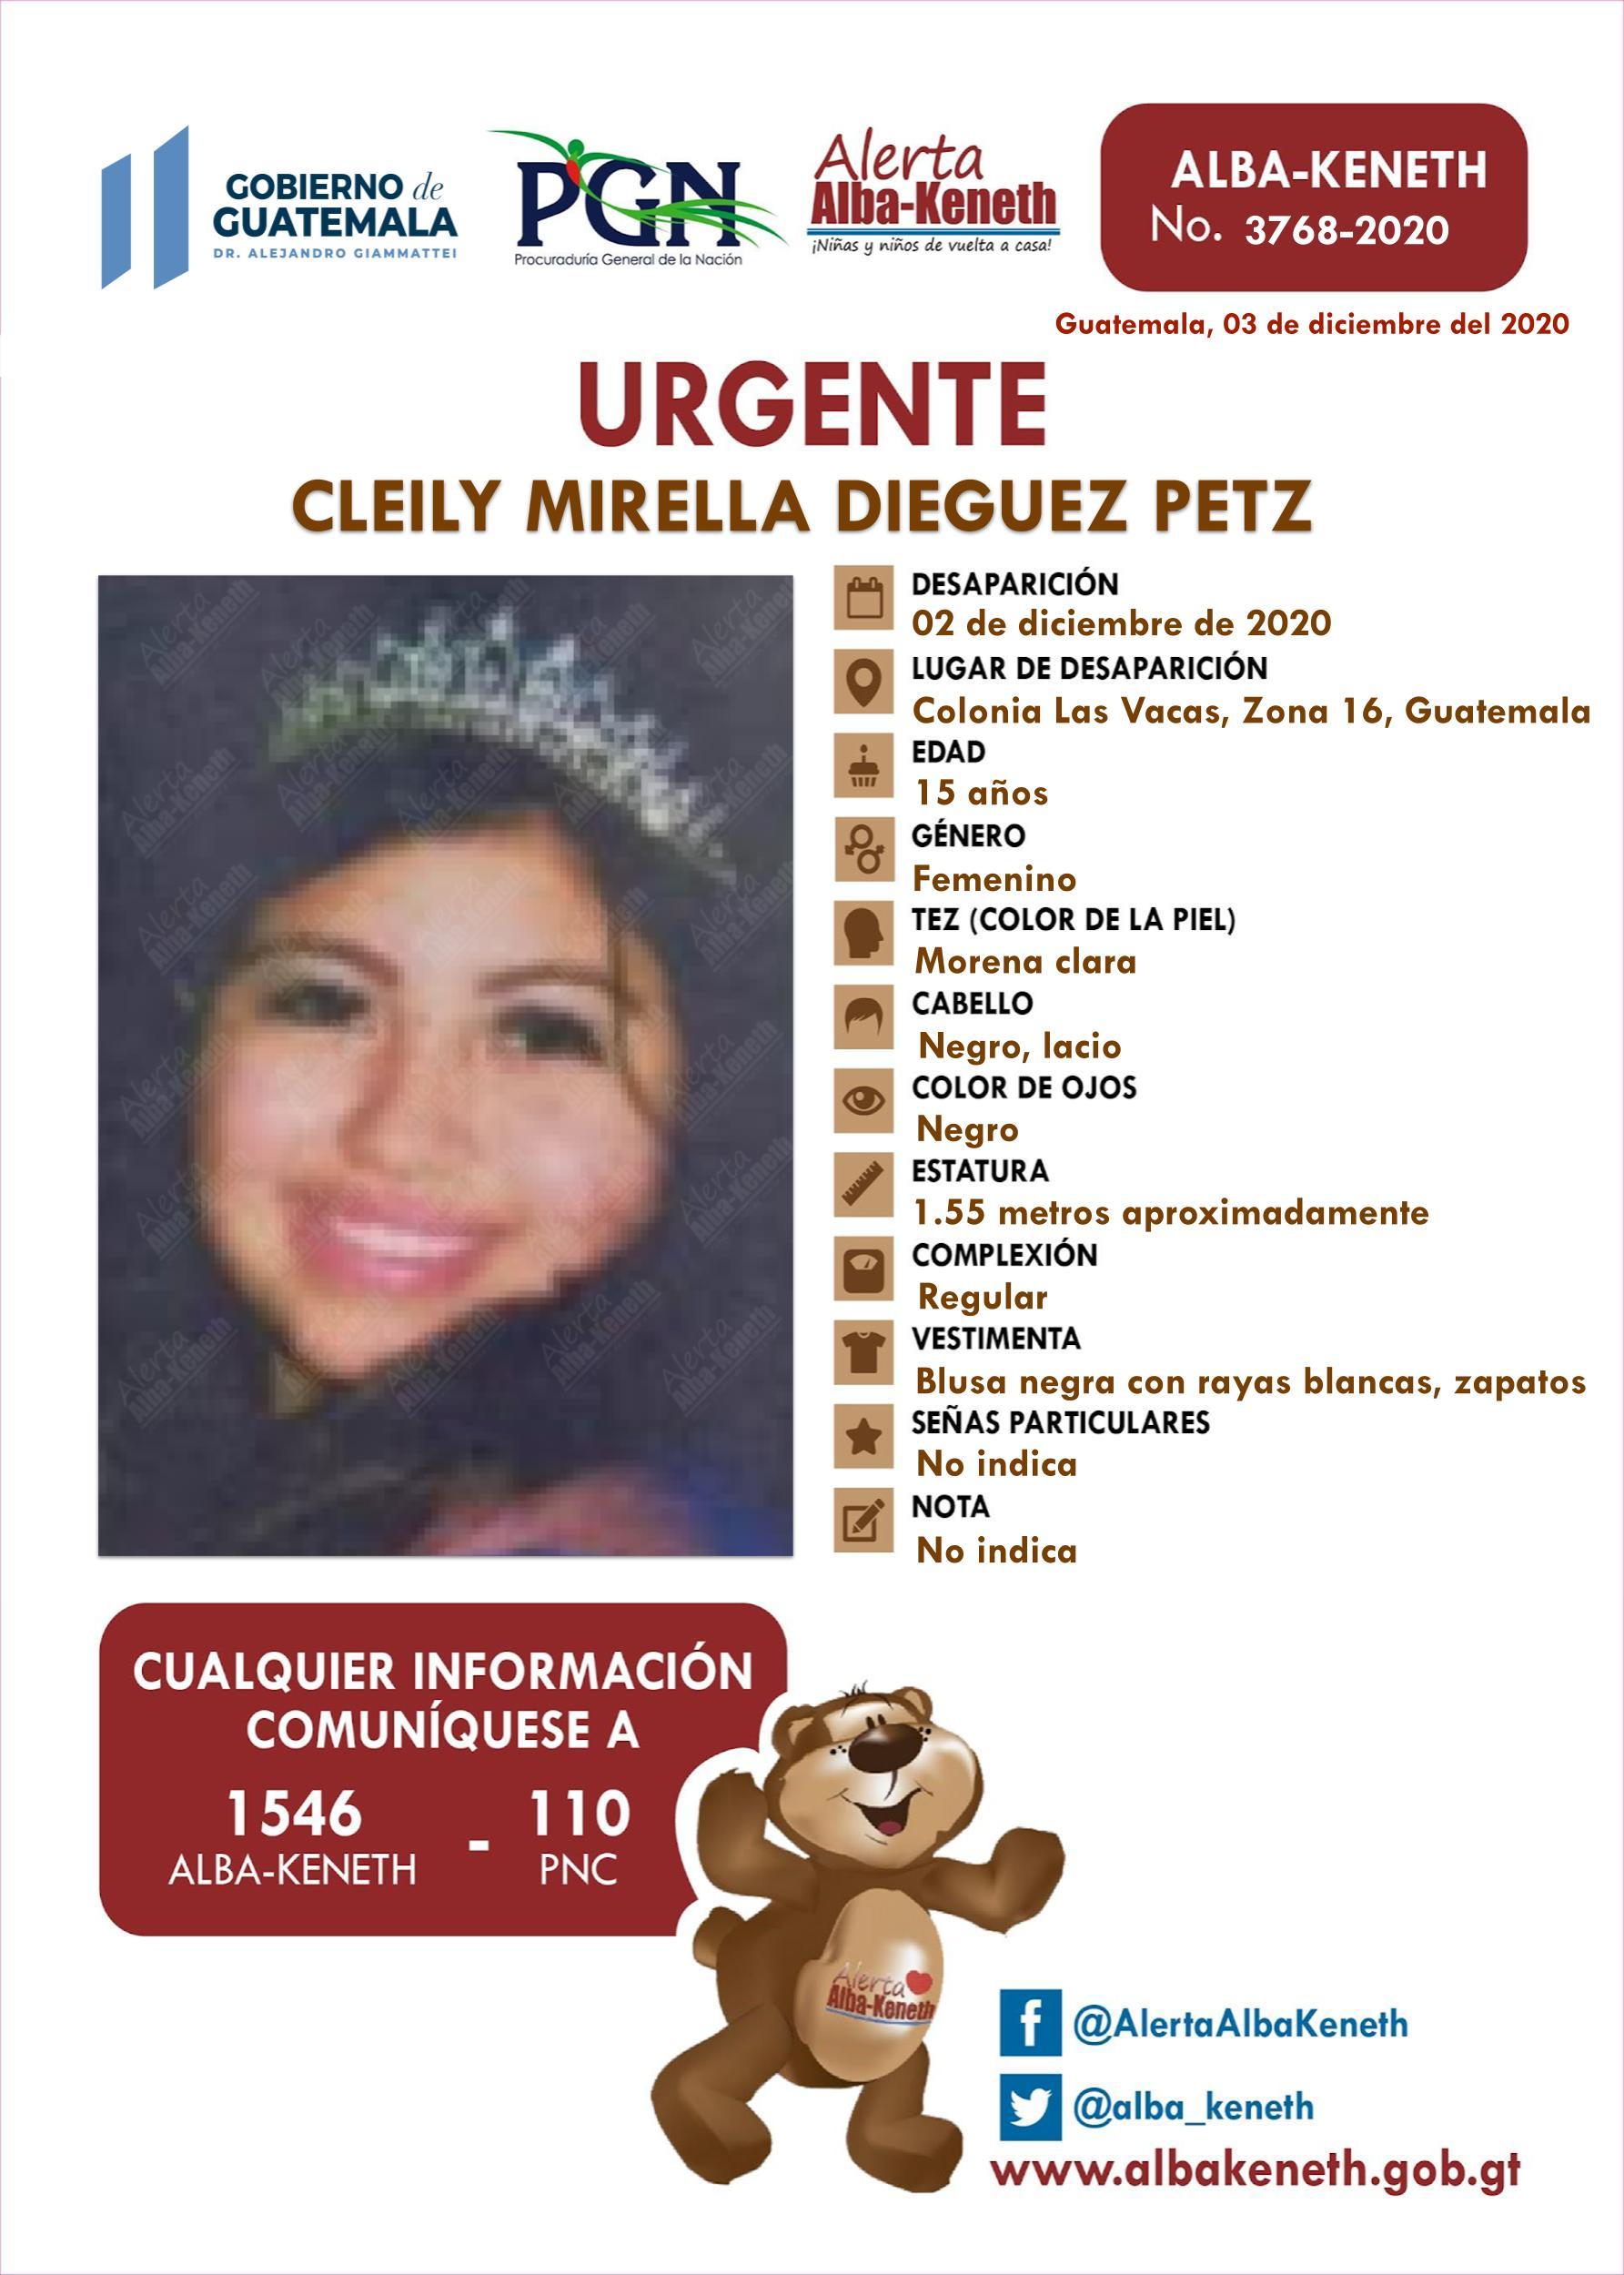 Cleily Mirella Dieguez Petz